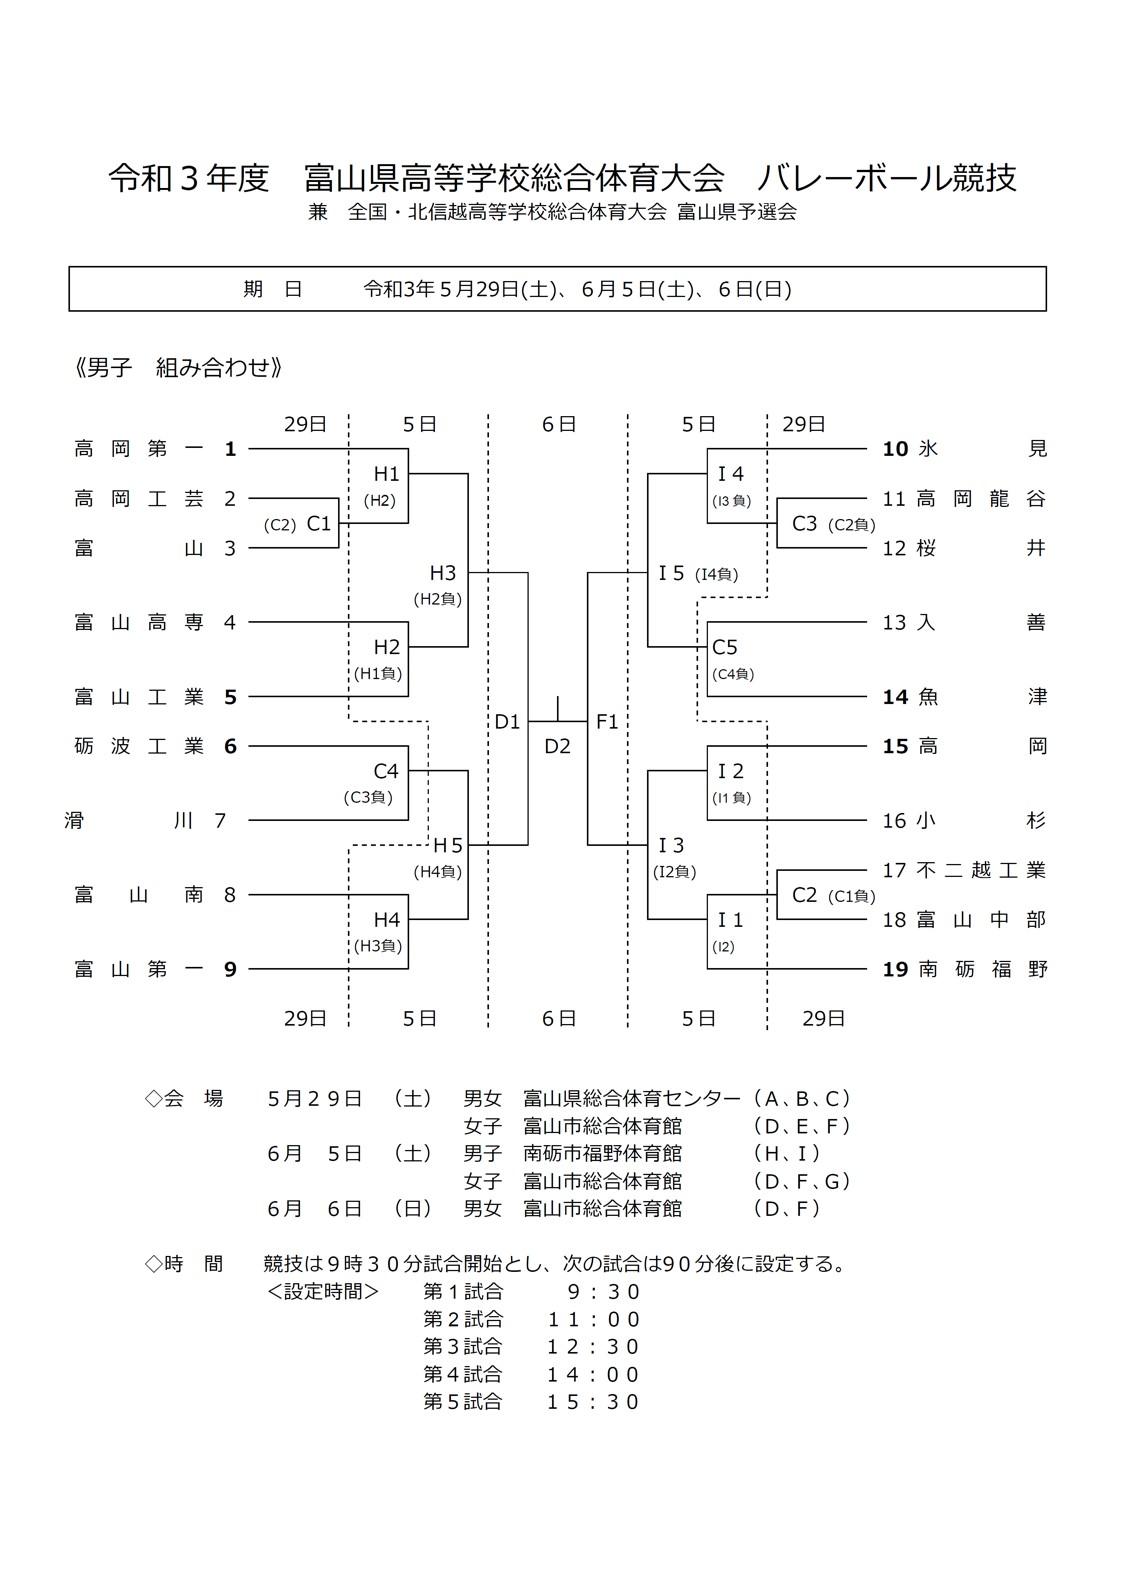 2021年度_インターハイ予選_富山県予選_男子_組合せ